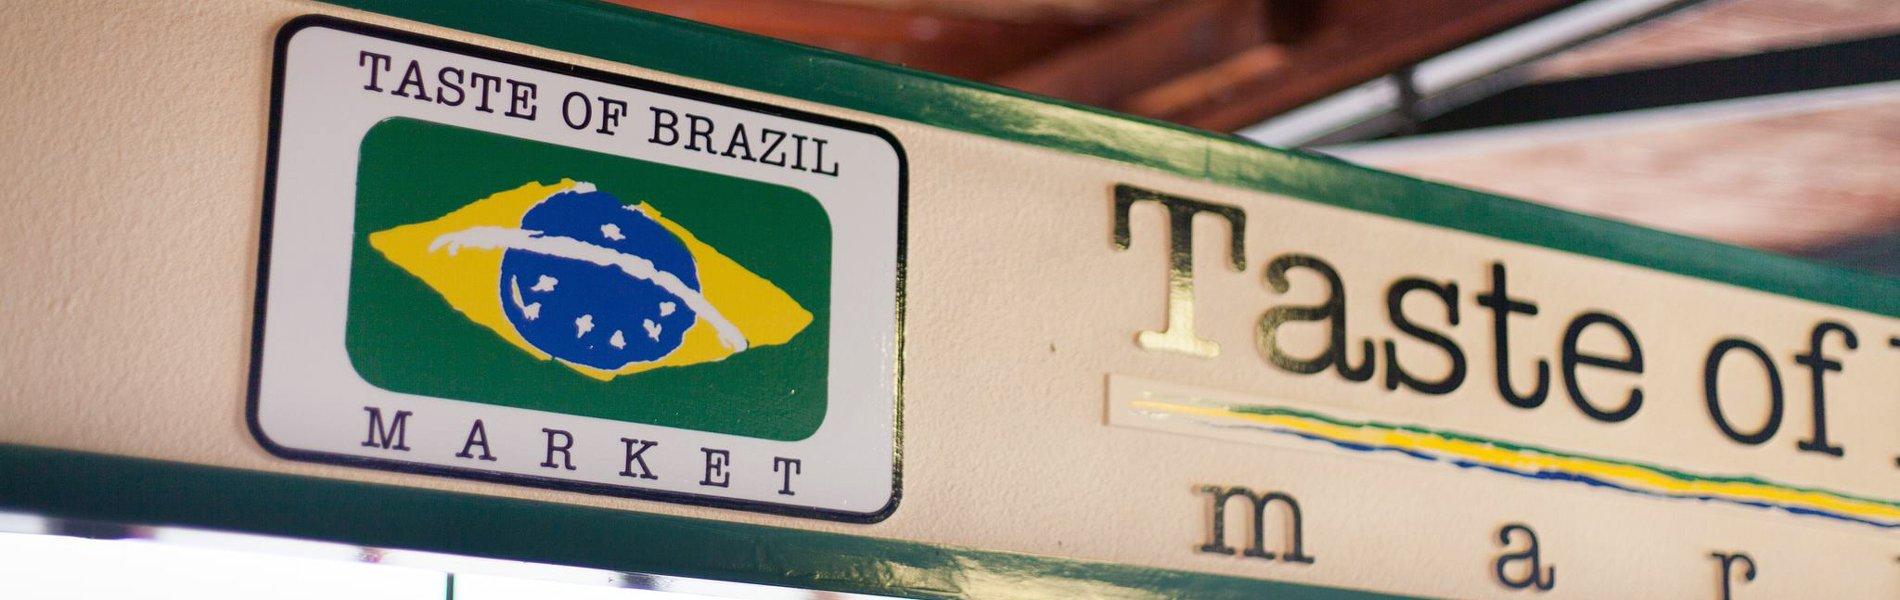 Taste of Brazil Market